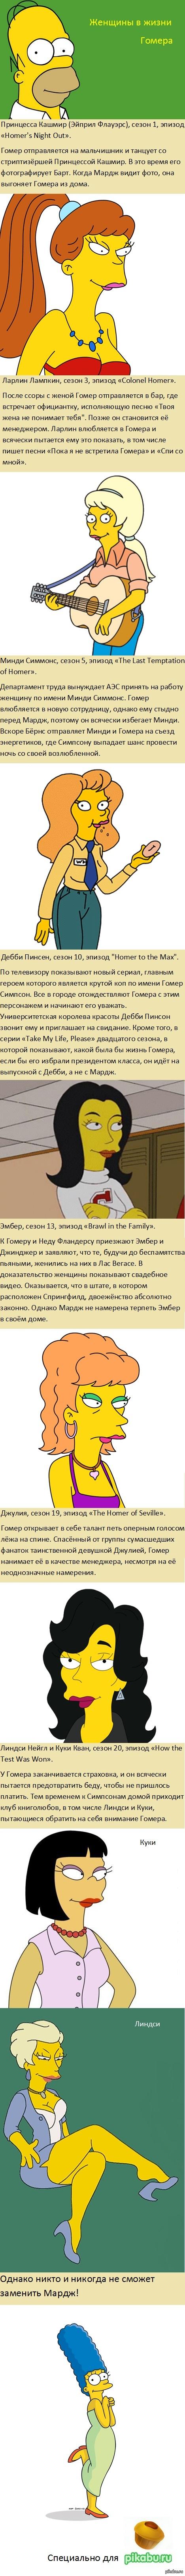 """Женщины в жизни Гомера Симпсона. Все те, с кем у Гомера были симпатии (взаимные и не очень).   Навеяно этим: <a href=""""http://pikabu.ru/story/bart_simpson_i_ego_devushki_1635675#comment_17314681"""">#comment_17314681</a>"""